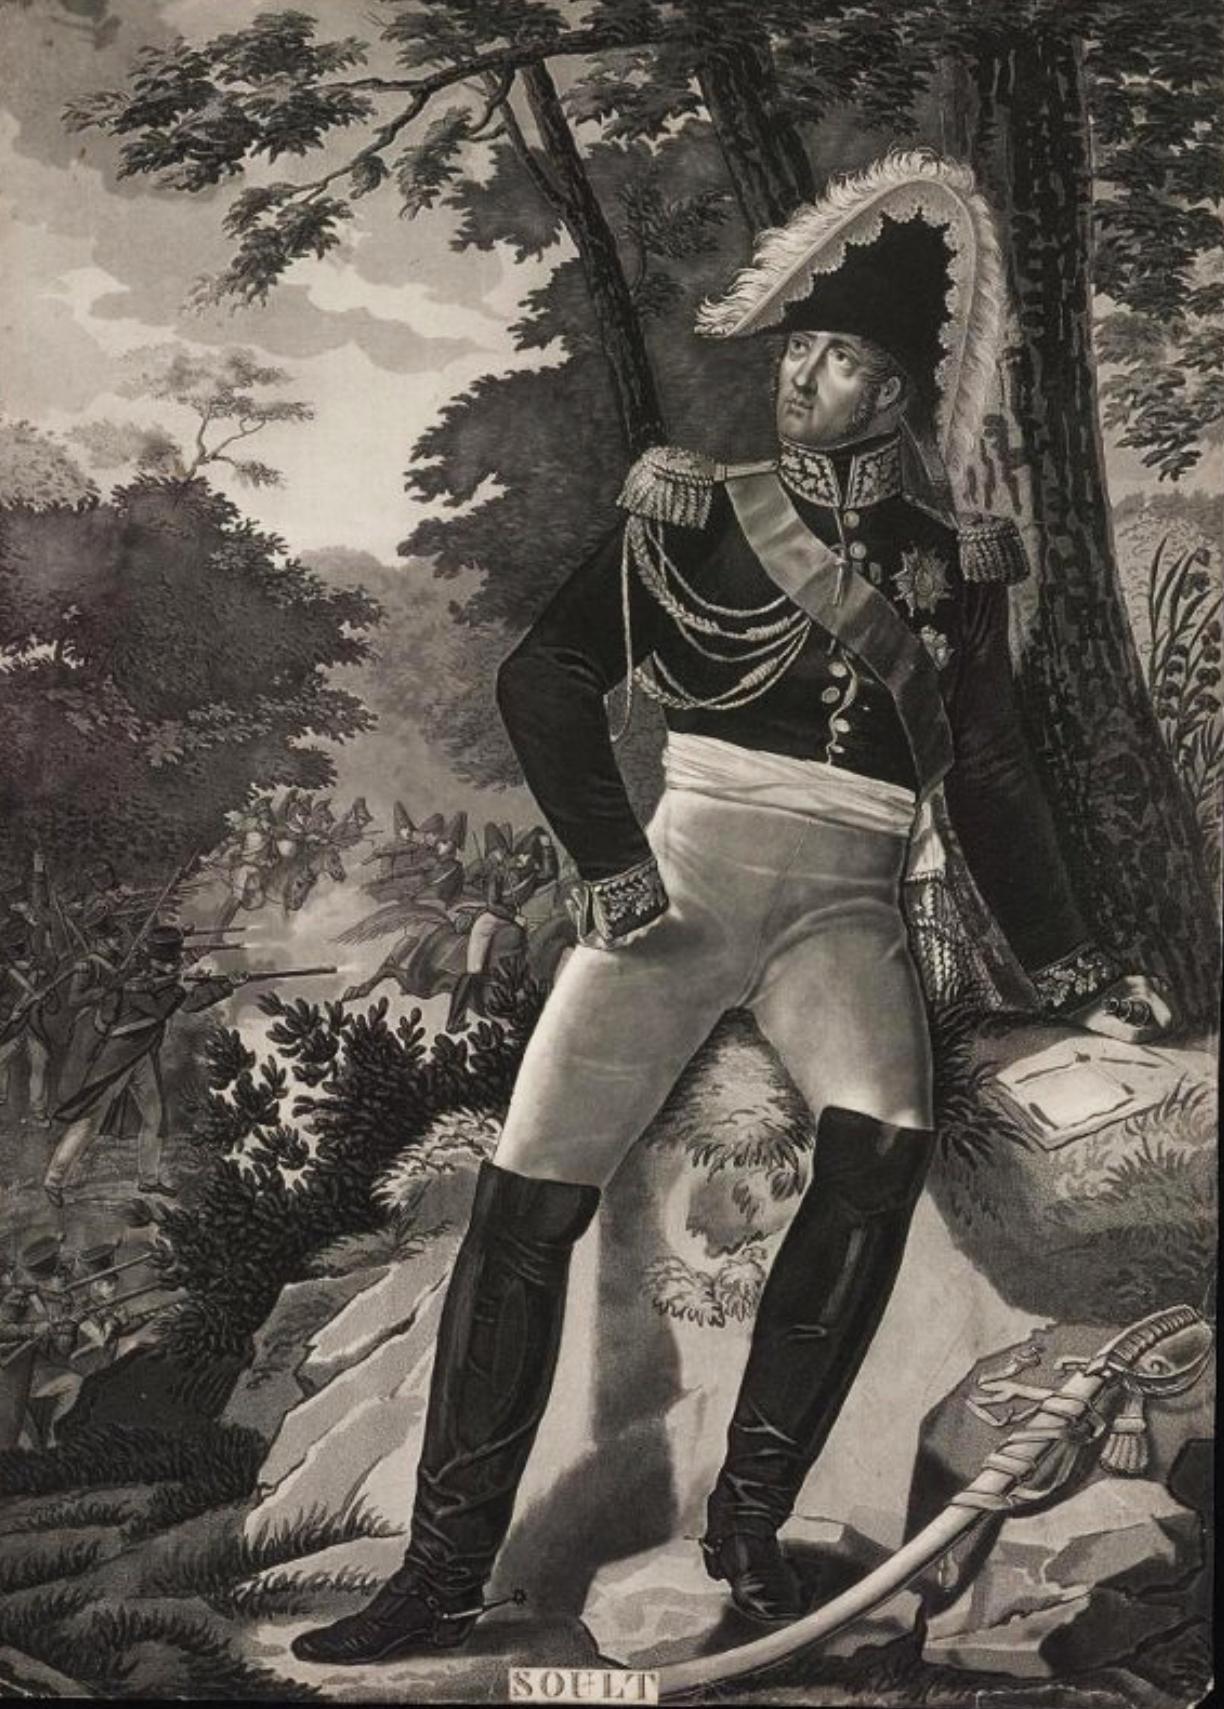 Портрет маршала Ж. Сульта Гравюра Л.Ф. Шарона по оригиналу Л.Ф. Обри, 1820